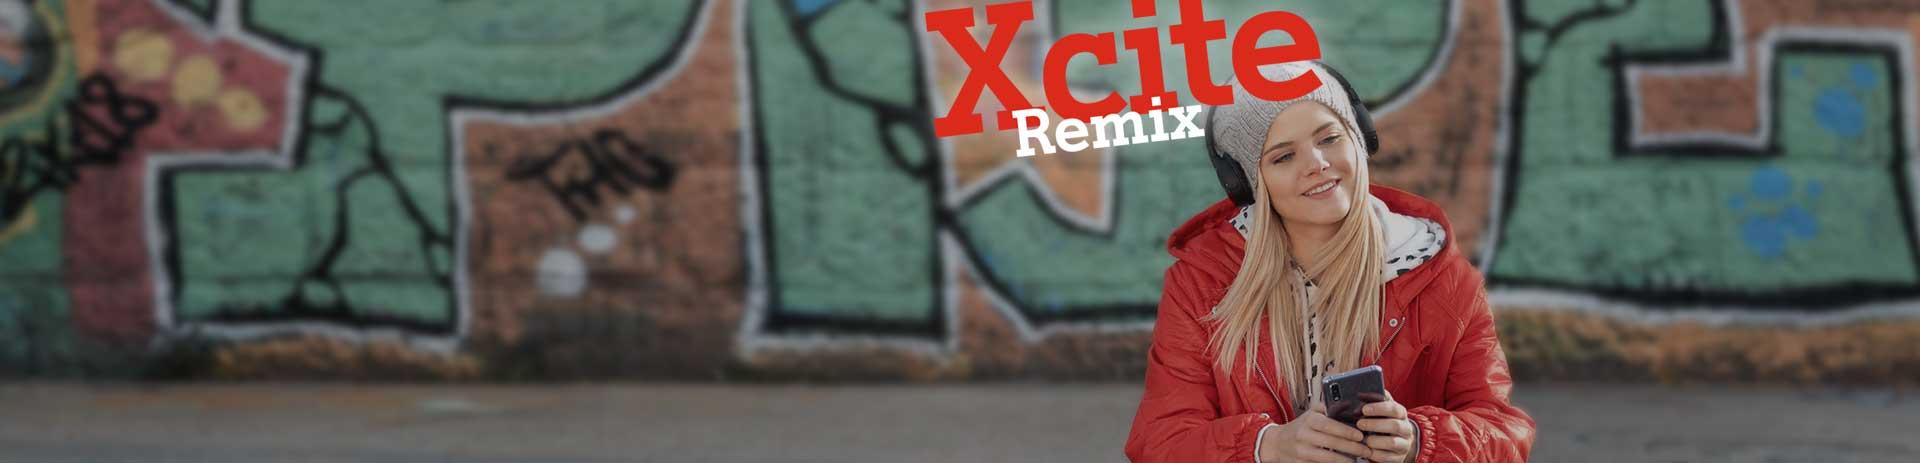 Xcite Remix